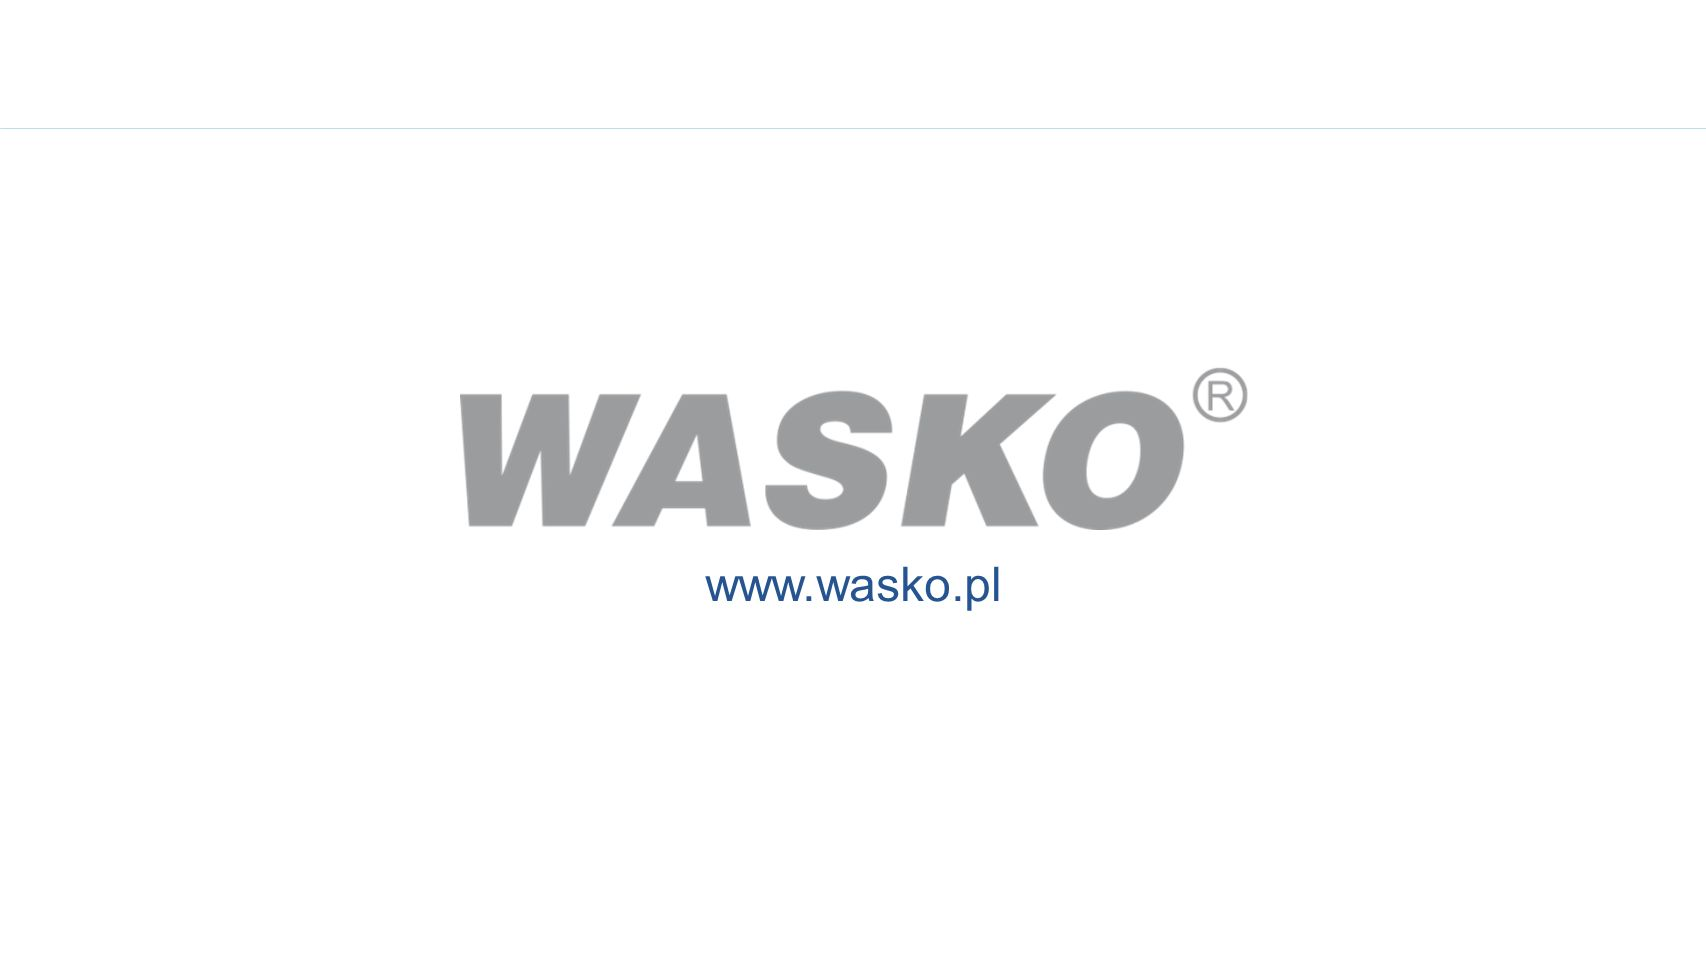 Projekt współfinansowany przez Unię Europejską ze środków Europejskiego Funduszu Rozwoju Regionalnego w ramach Programu Operacyjnego Innowacyjna Gospodarka www.wasko.pl NOP - modele sprzedaży Model mieszany - w tym modelu WASKO S.A.